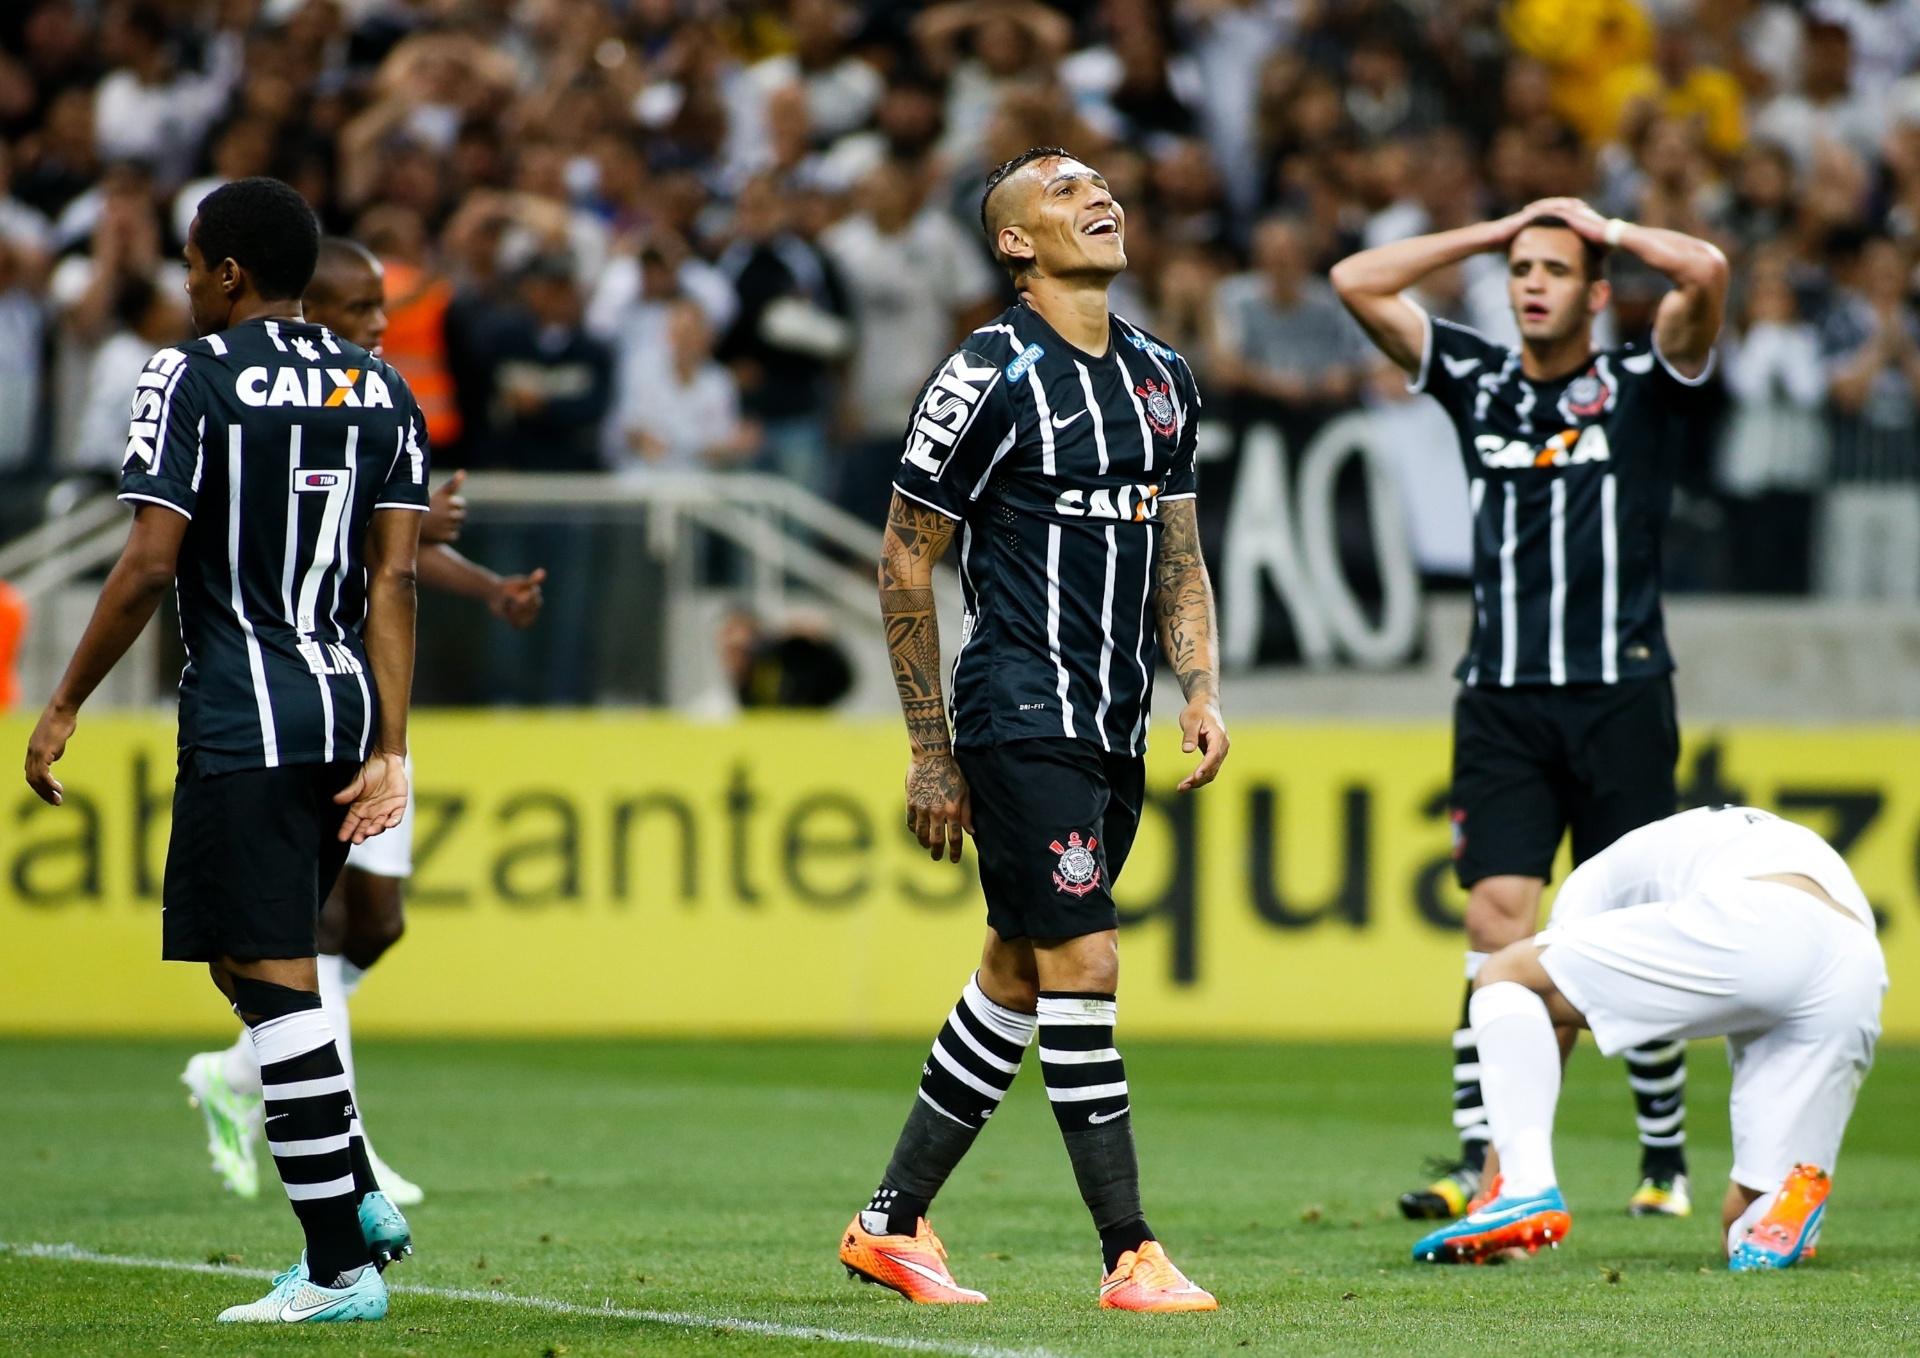 Guerrero diz que venceu até desconfiança dos pais para defender Corinthians  - 03 12 2014 - UOL Esporte 400d68a53e33b